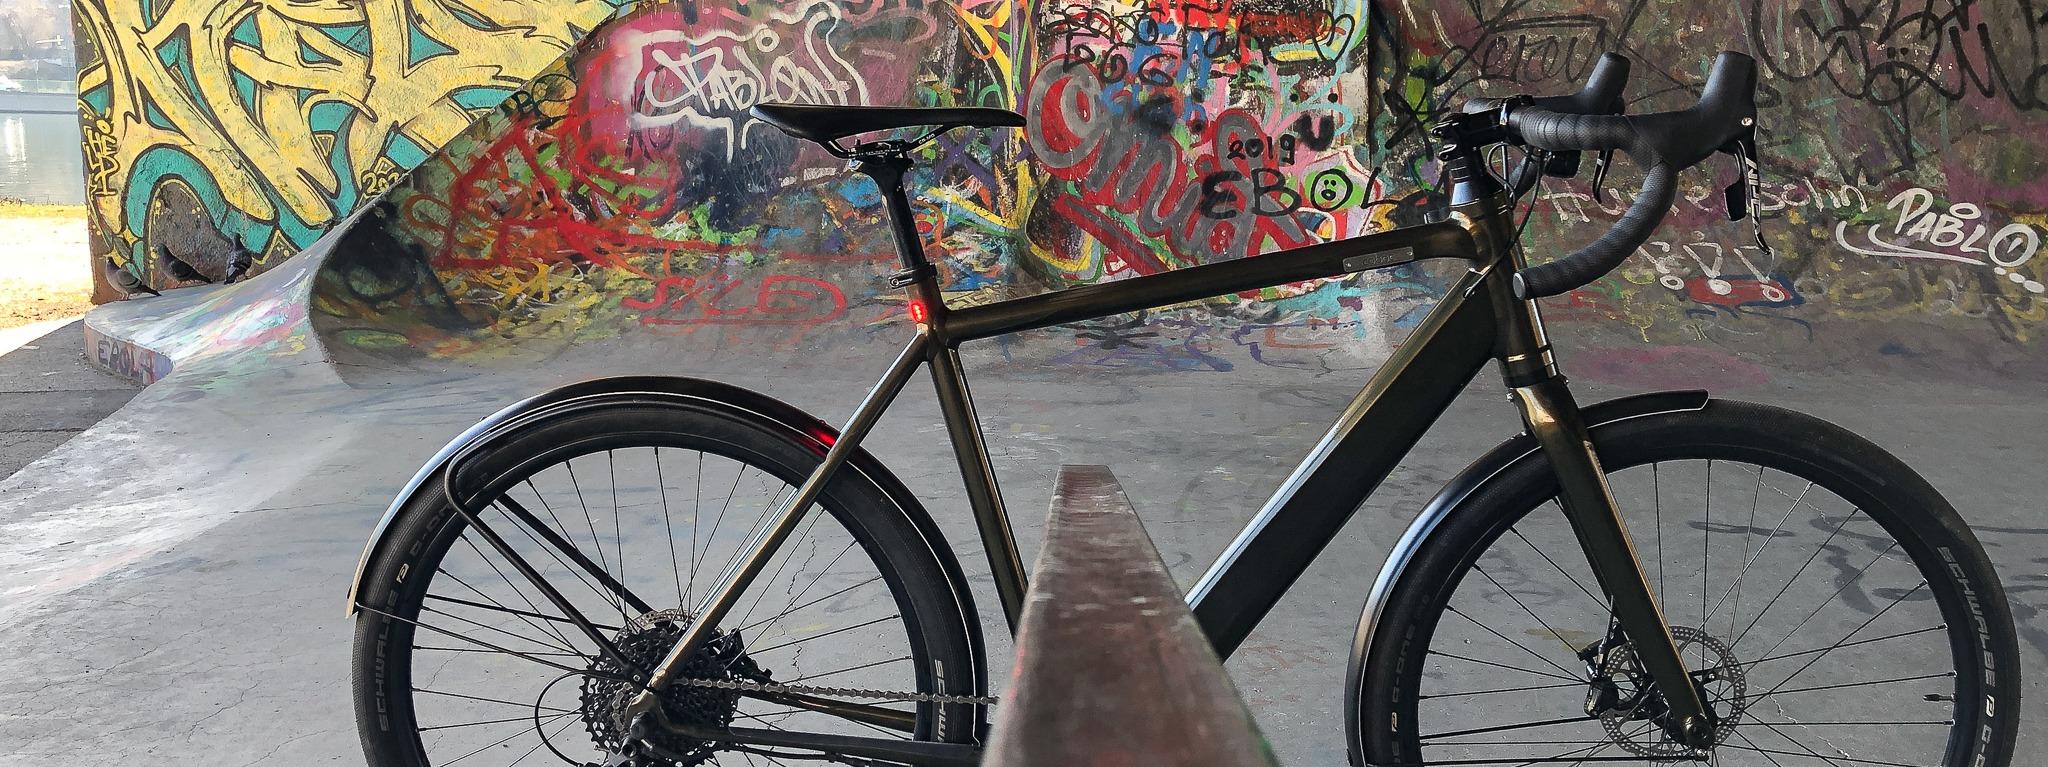 Fahrbericht: Gravel Bike Coboc TEN Torino – Leicht, leise, cool und flink: Das neue E-Gravel-Bike aus Heidelberg